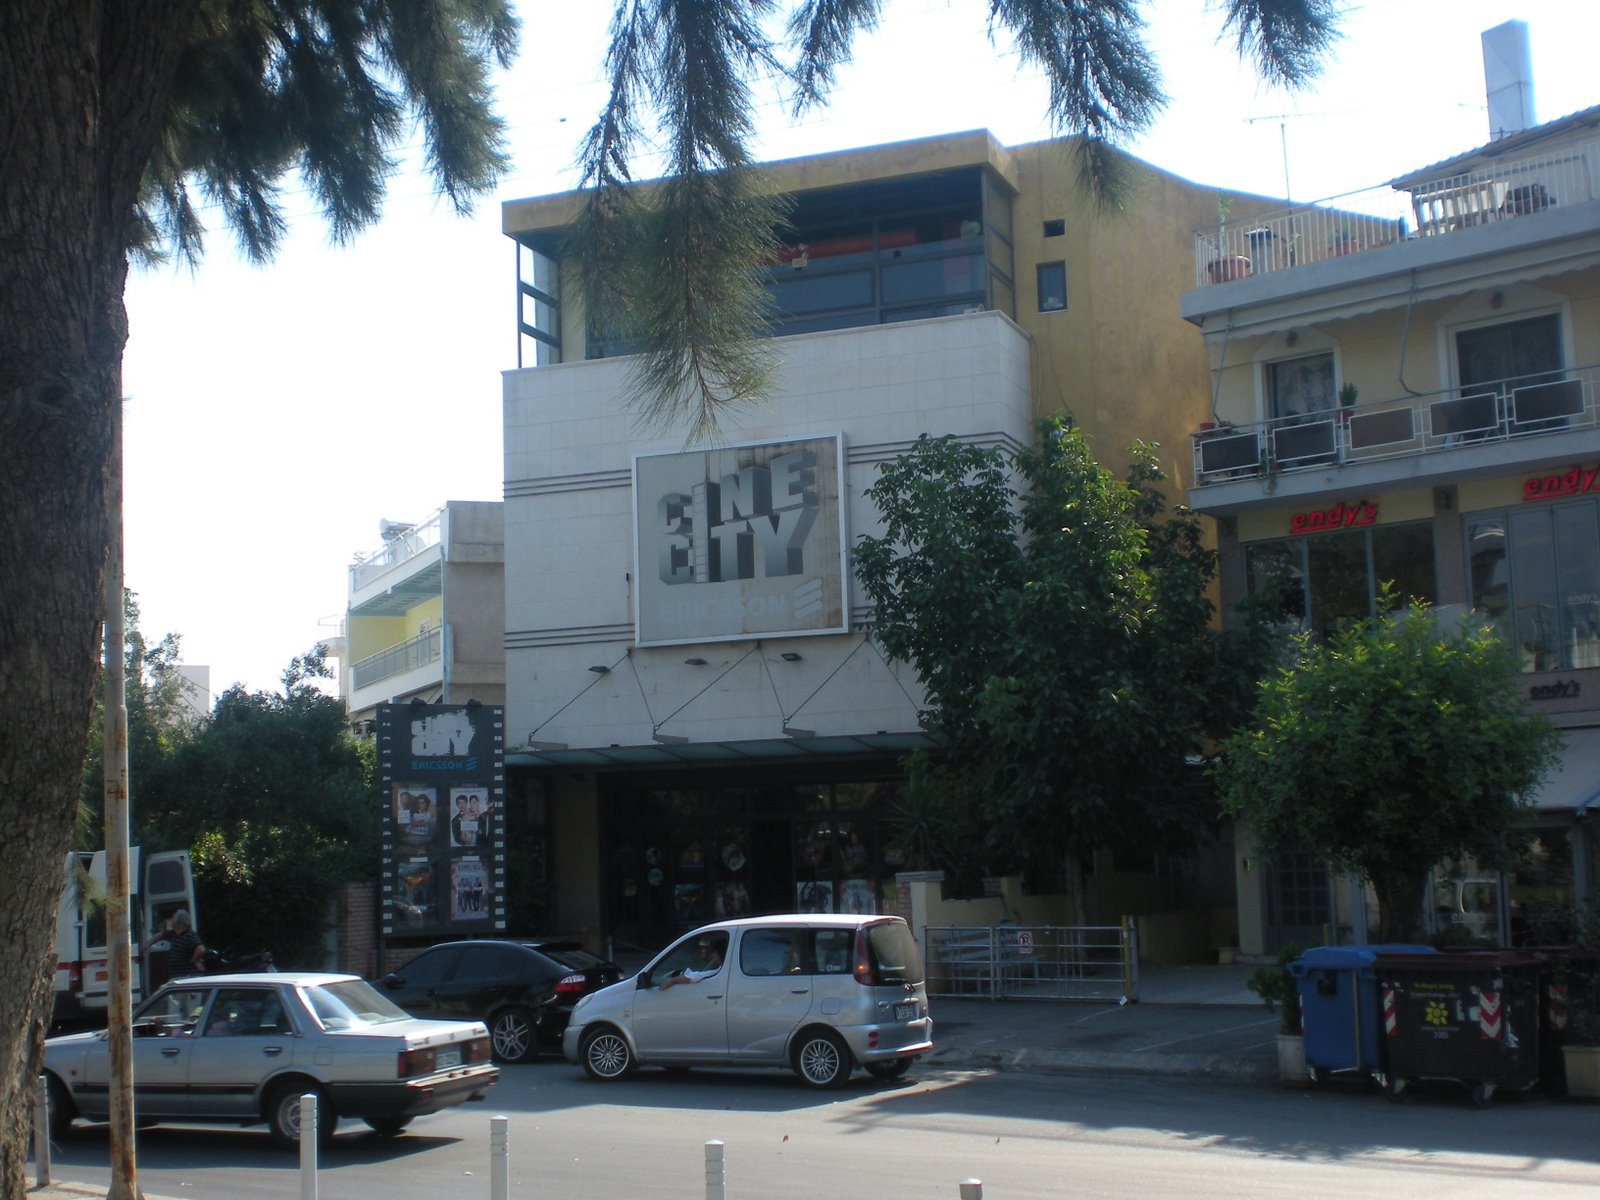 Μπουρνάζι: To πρώην στέκι όλης της Αθήνας που μεγάλωσε γενιές και γενιές